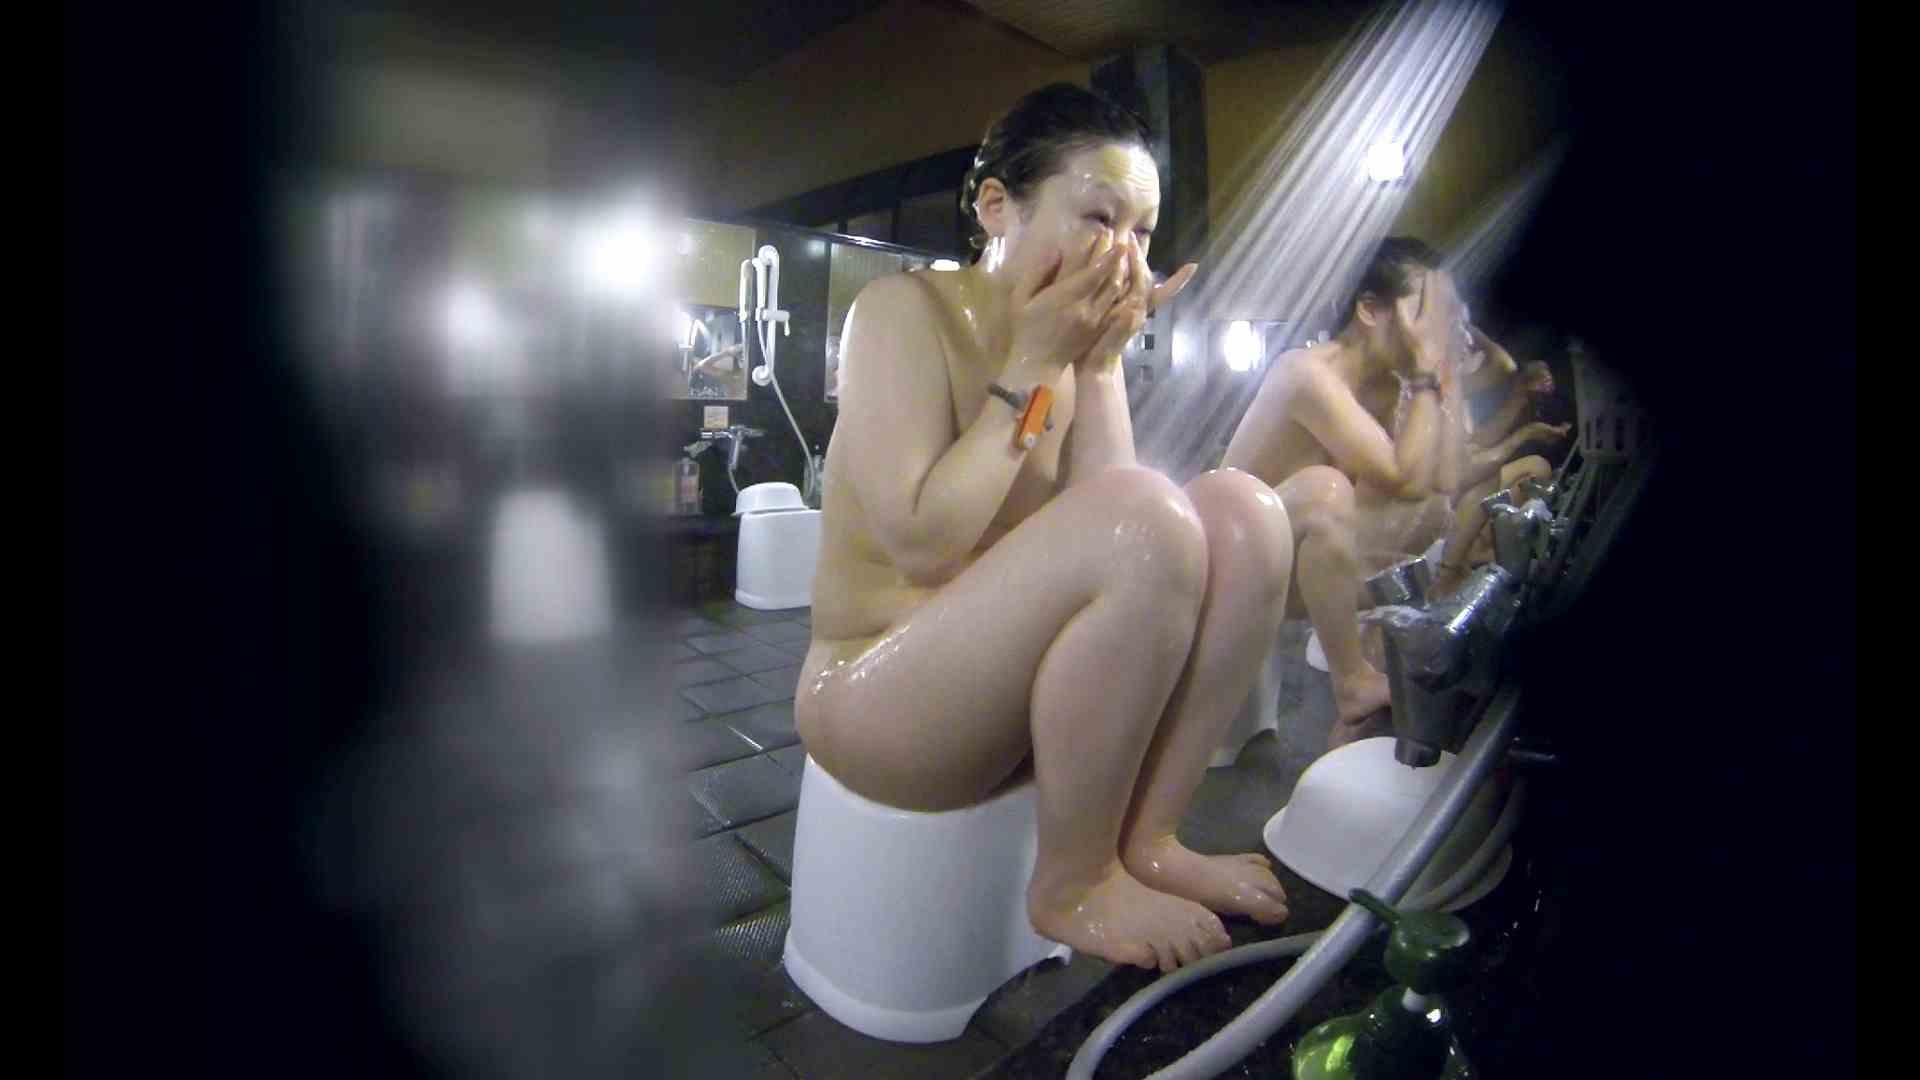 洗い場!米粉パンかのようなもっちり感。あっ!具が! 銭湯   潜入エロ調査  99連発 56